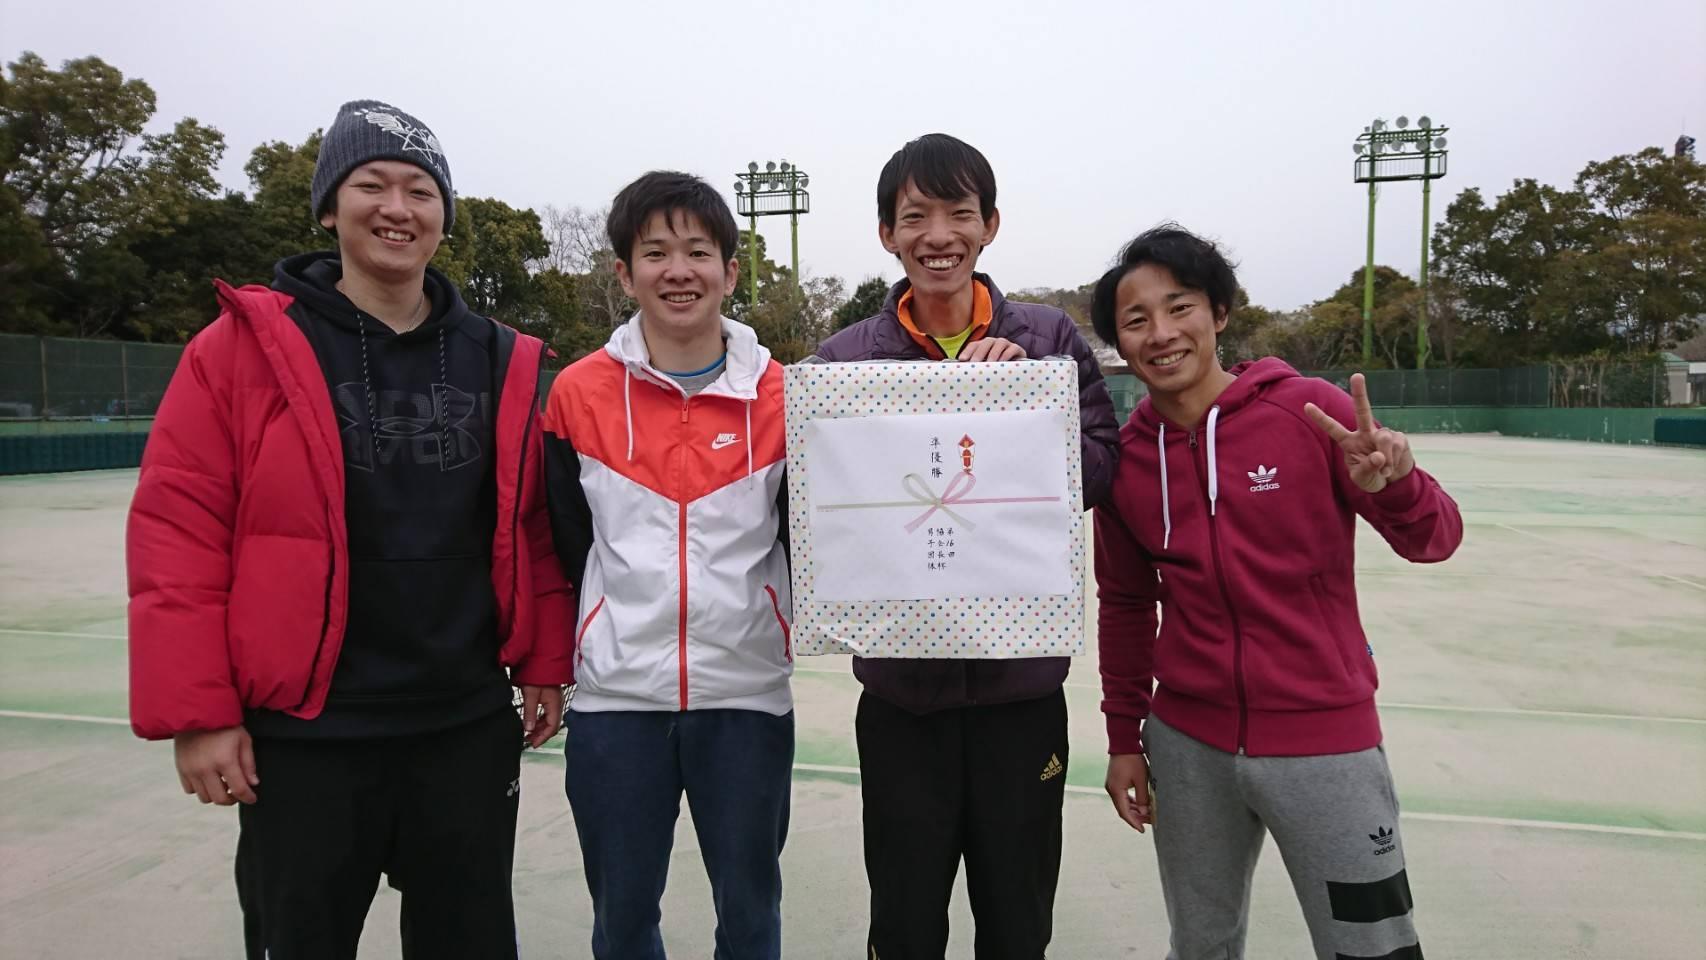 団体戦_男子_準優勝